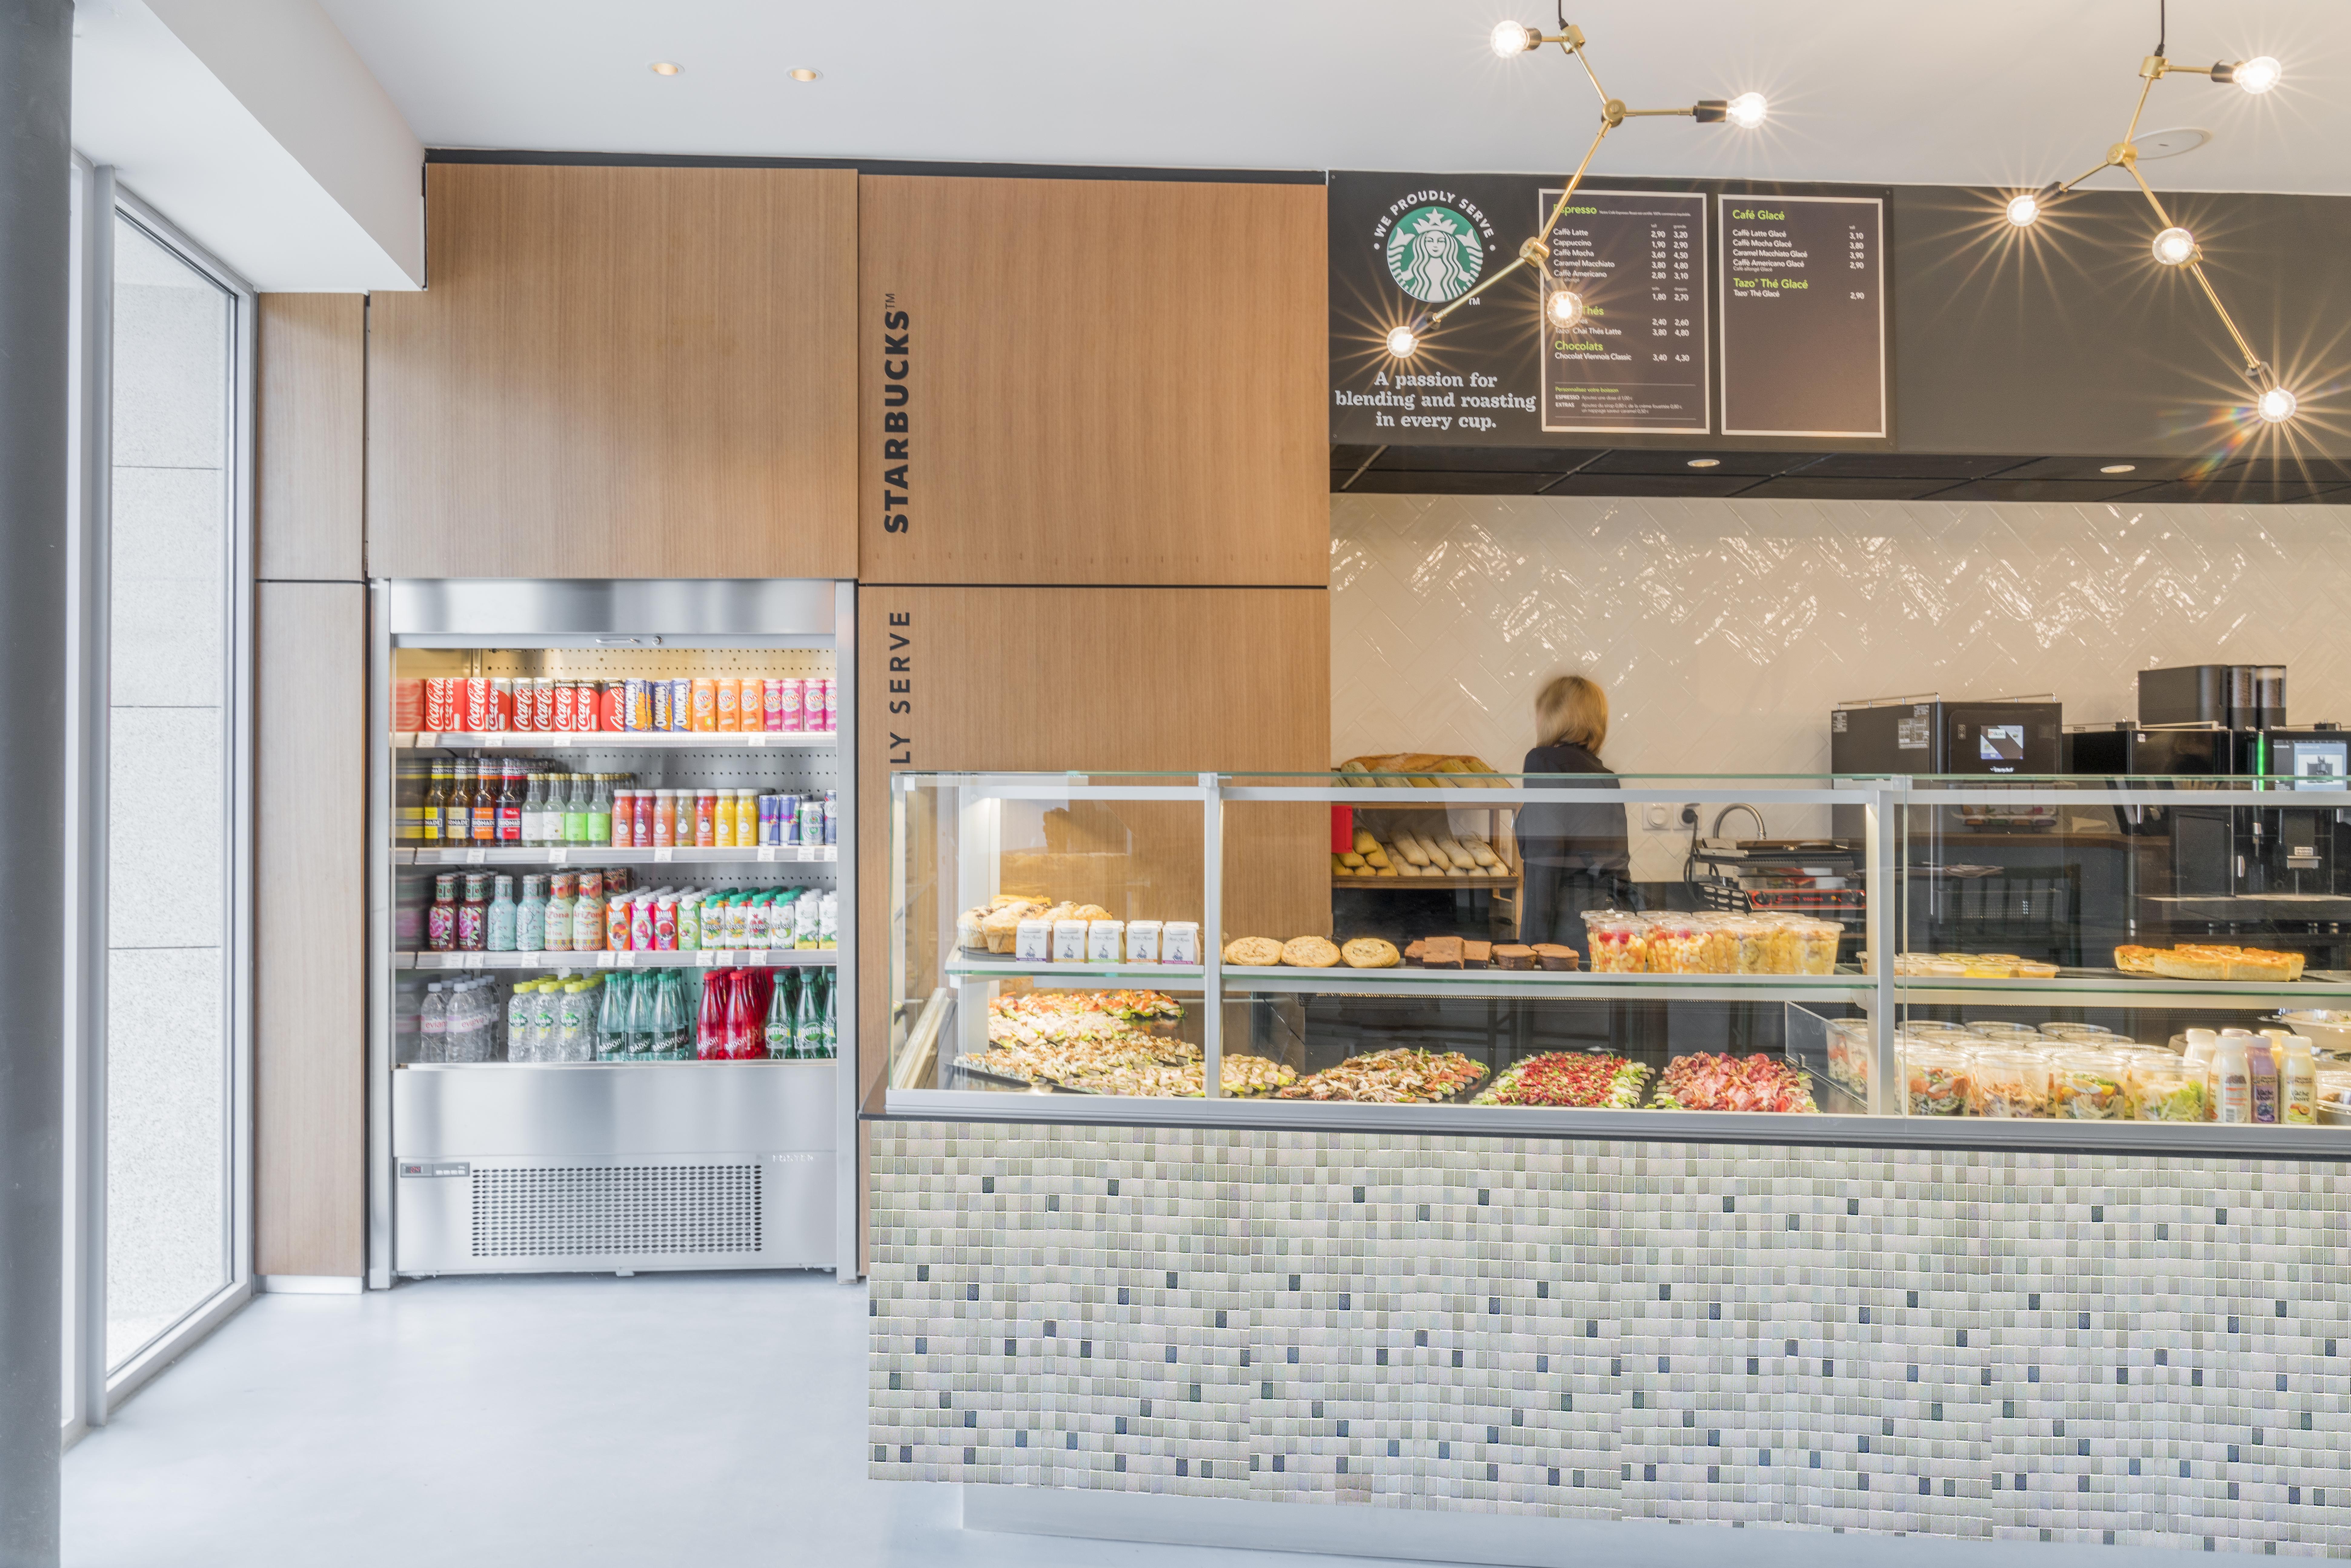 Starbucks 1 (1).jpg